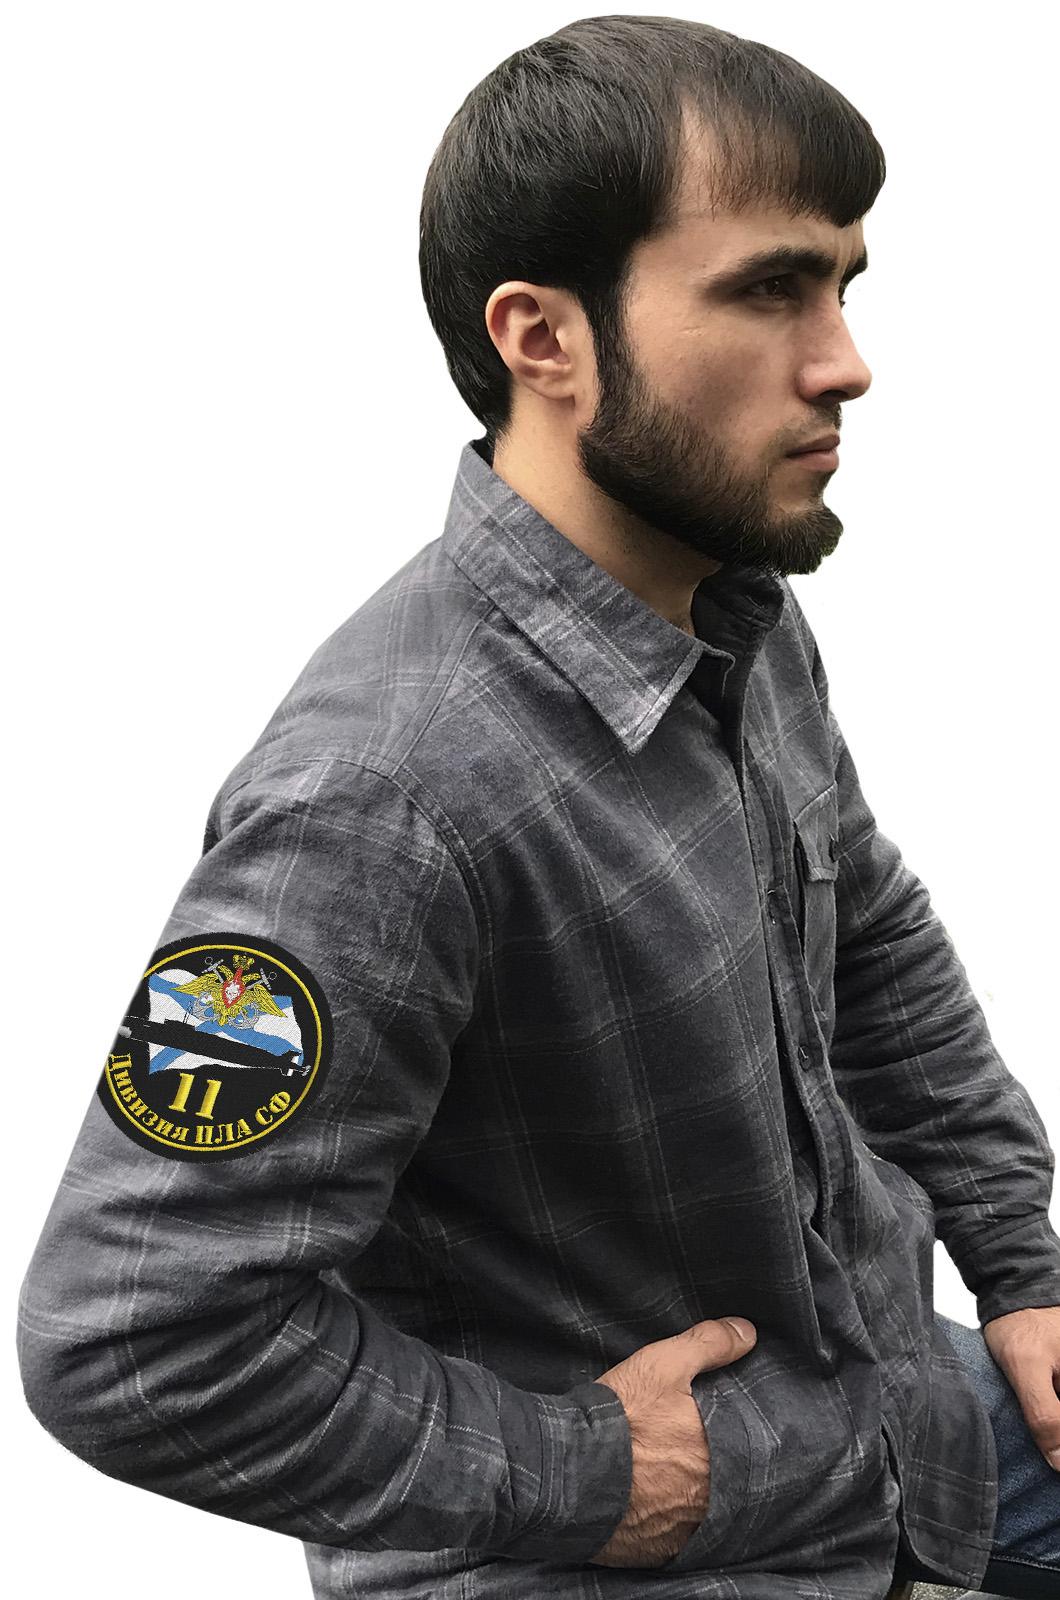 Практичная мужская рубашка с эмблемой 11-ой Дивизии ЦЛА СФ купить с доставкой